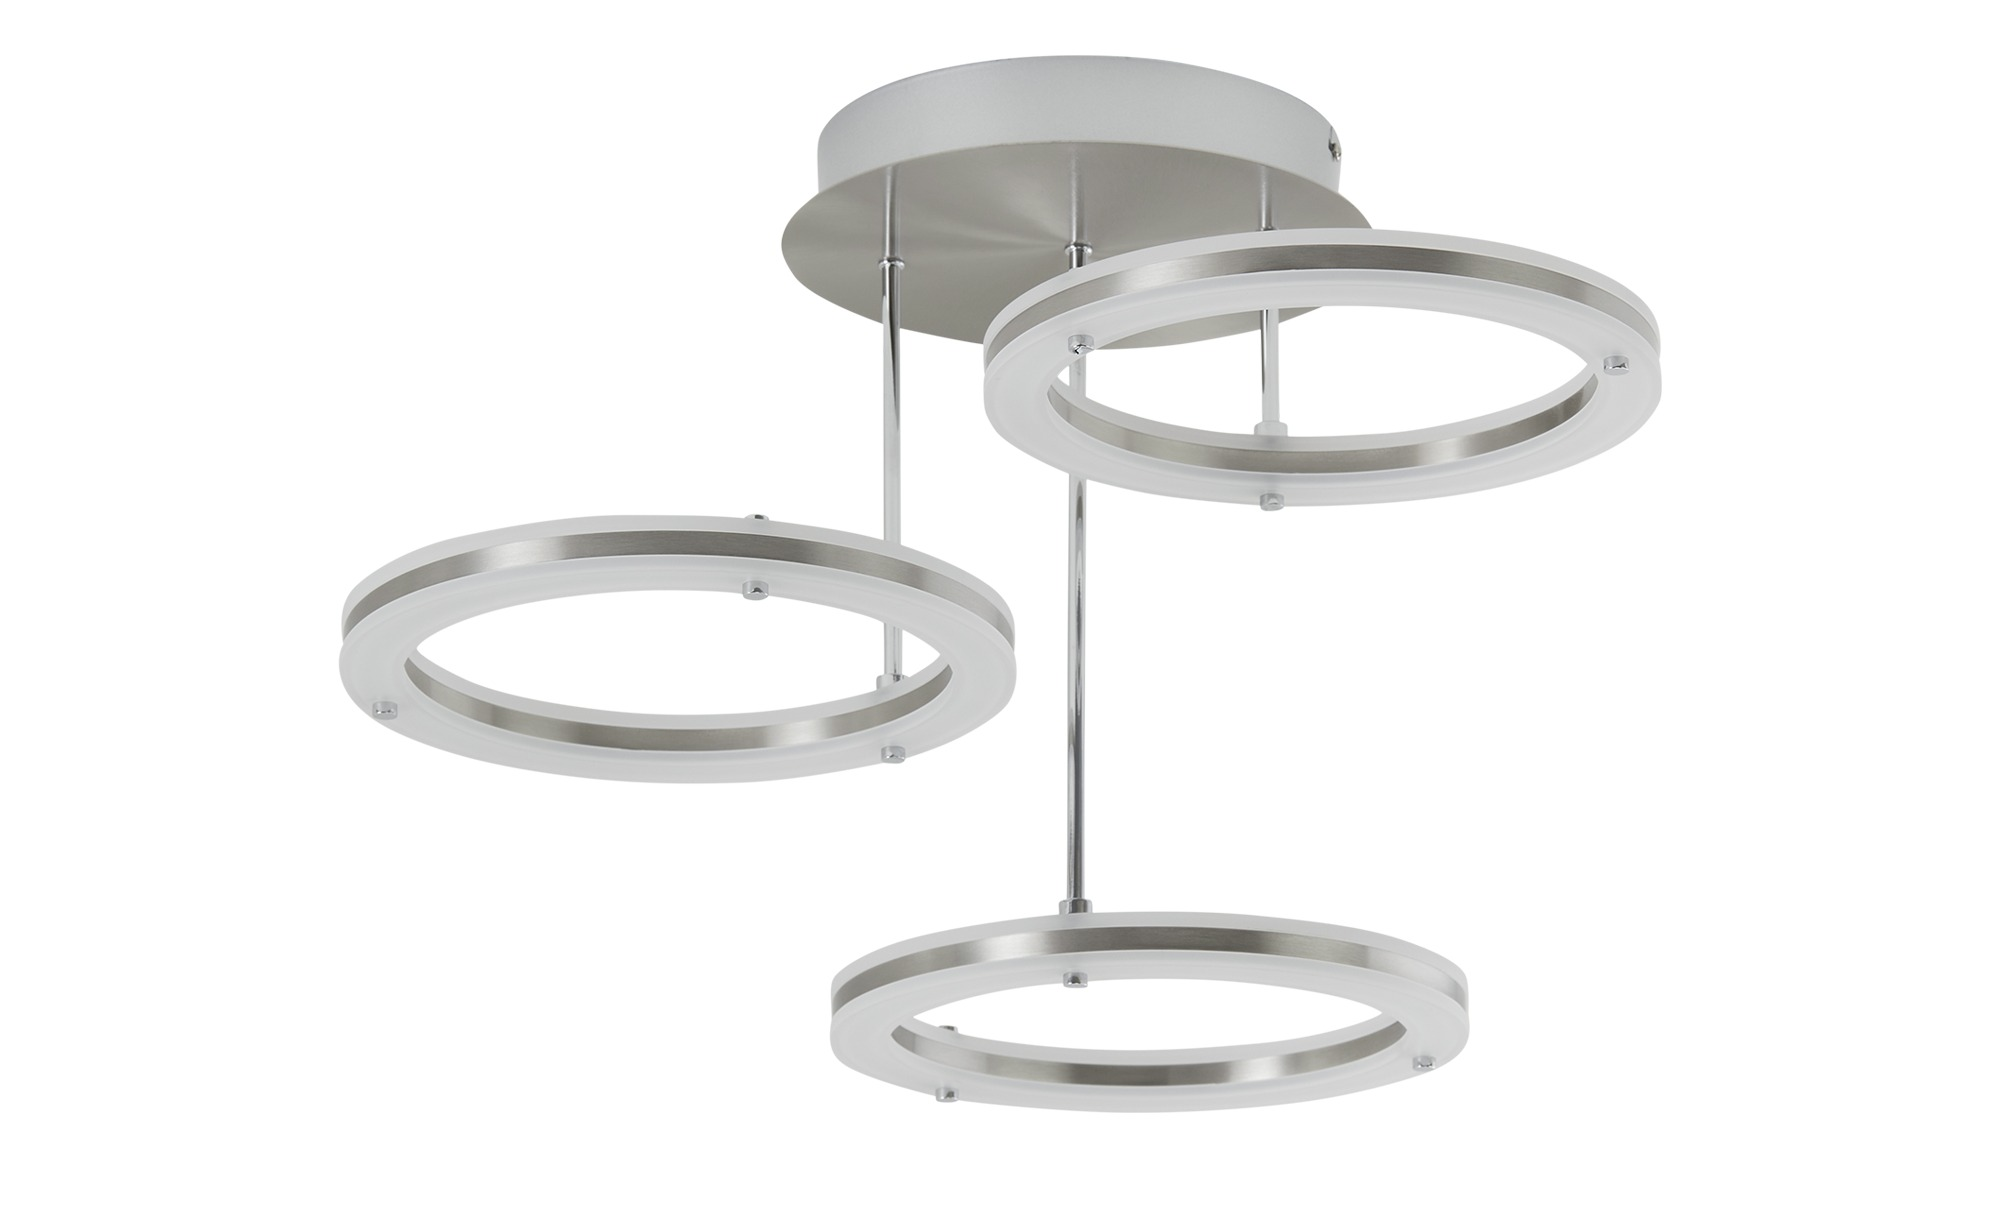 LED-Deckenleuchte, 3-flammig, Alu-matt ¦ silber ¦ Maße (cm): H: 37 Ø: 55 Lampen & Leuchten > Innenleuchten > Deckenleuchten - Höffner